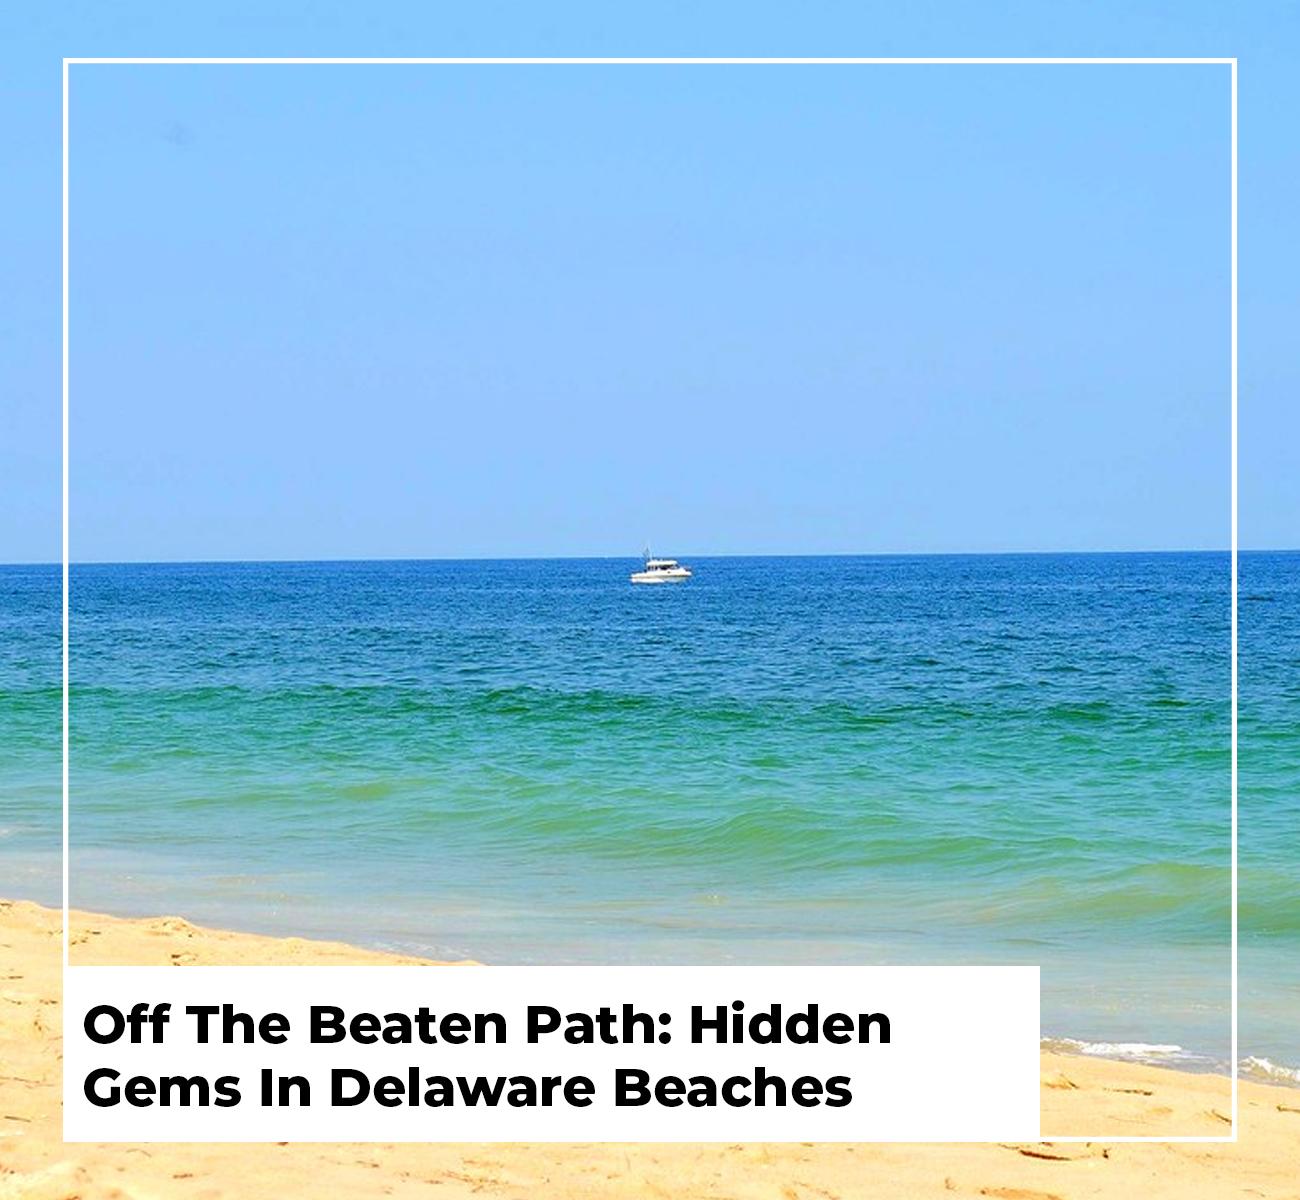 Hidden Gems in Delaware Beaches